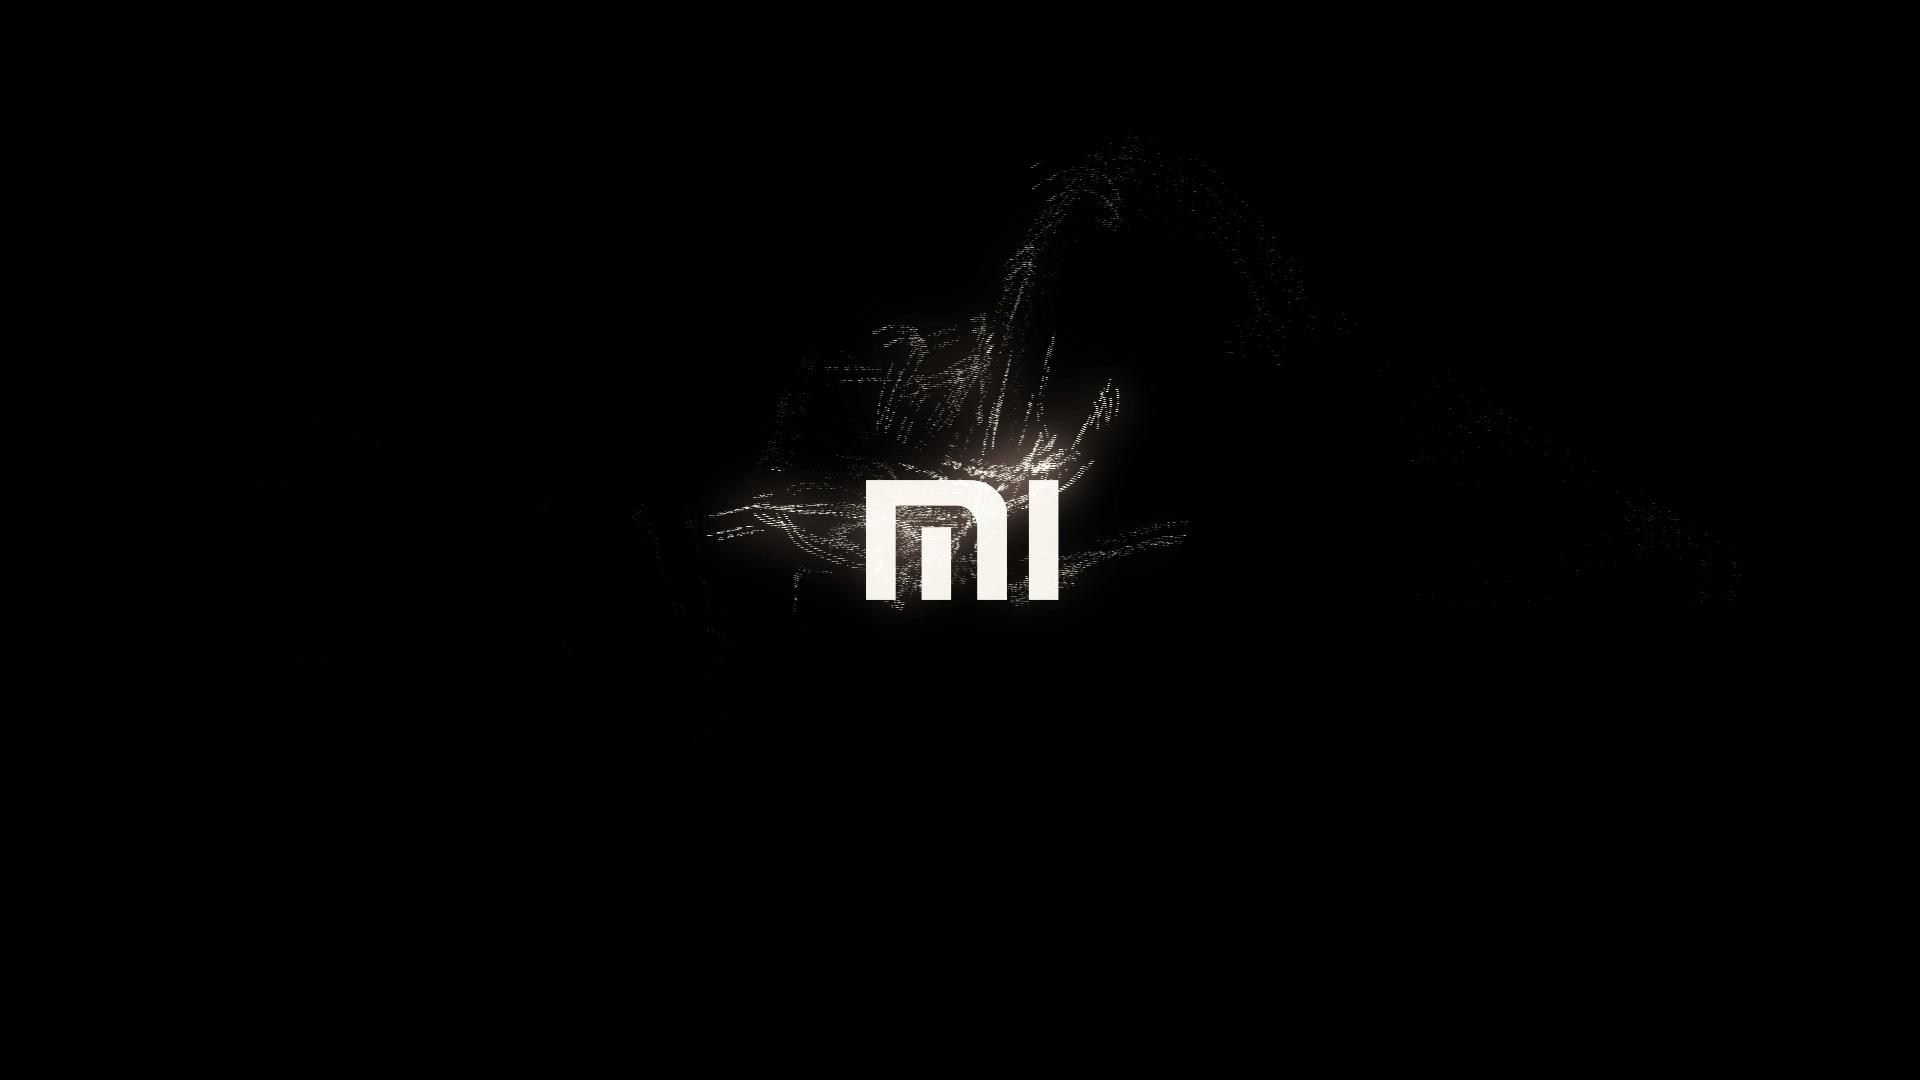 شیائومی Redmi Pro 2 در وبسایت رسمی این شرکت رویت شد